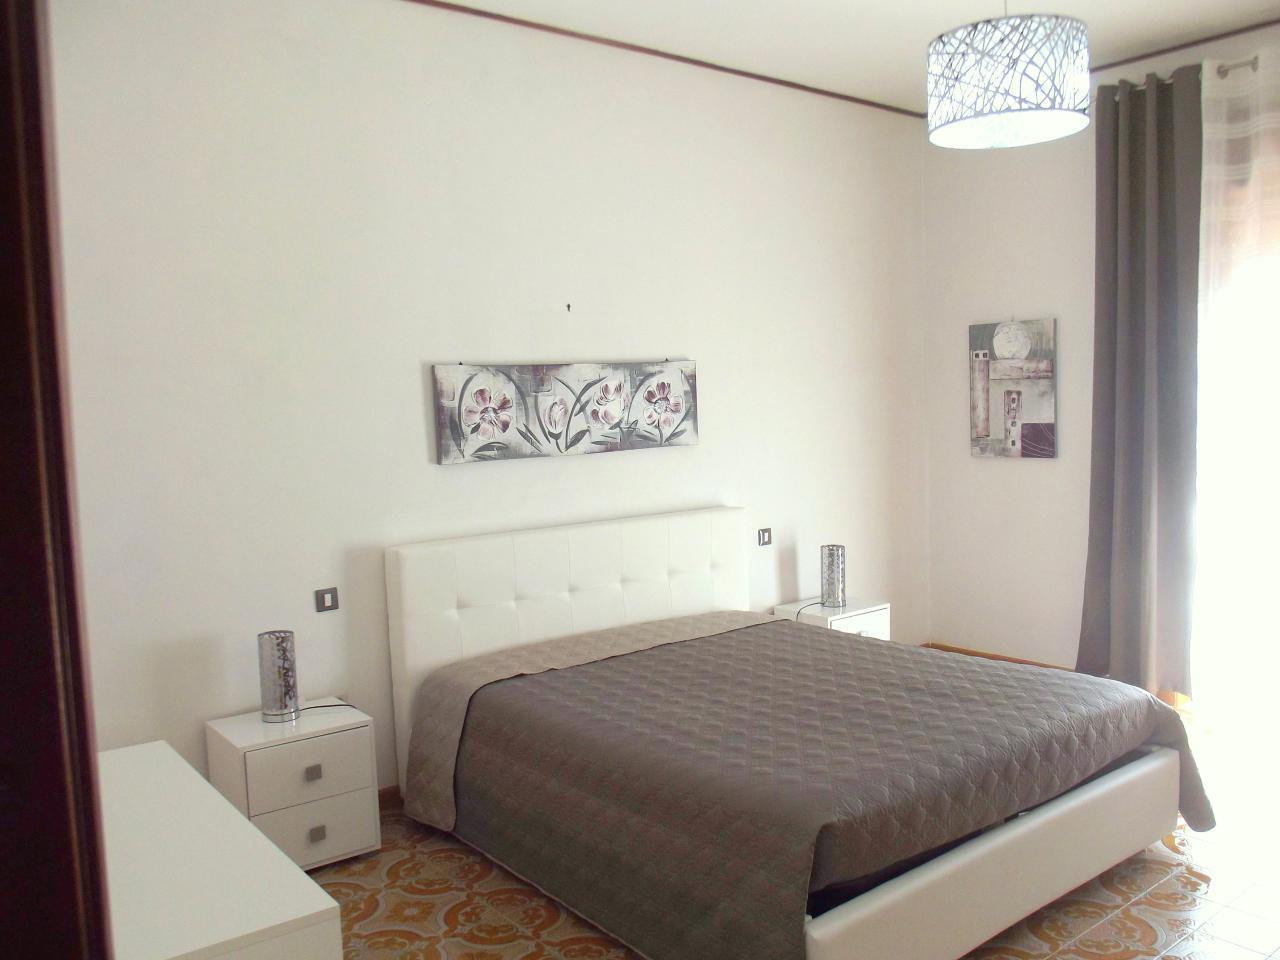 Appartement de vacances Silvy, Elegance Platz und Komfort (732206), Castellammare del Golfo, Trapani, Sicile, Italie, image 9